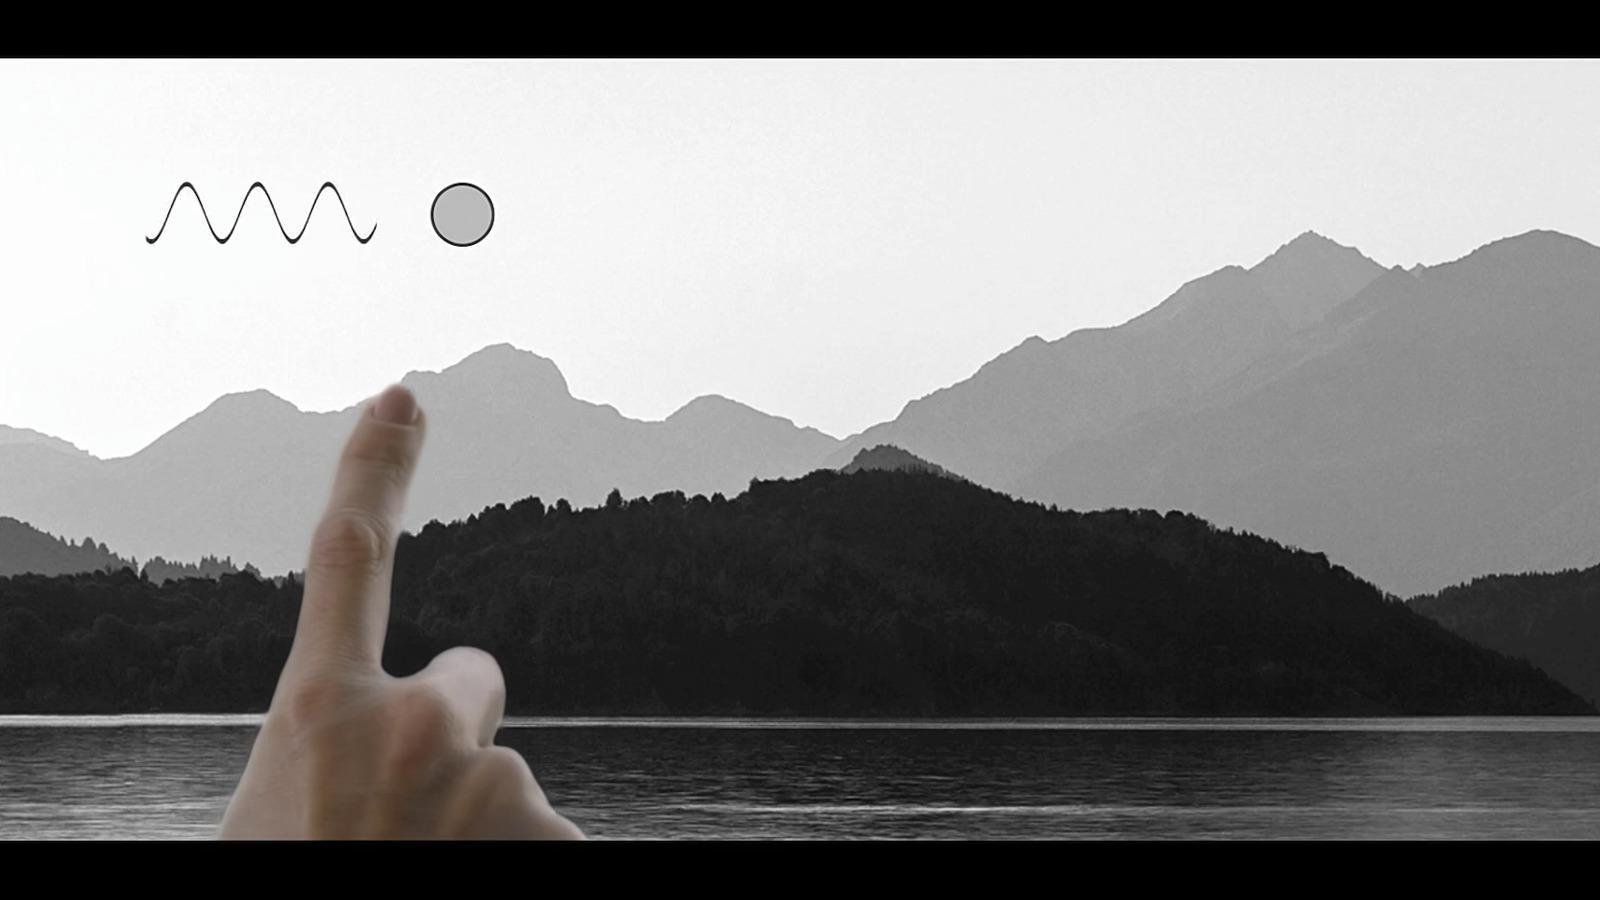 帮视障人士看风景 福特联合Aedo开发触感视觉设备